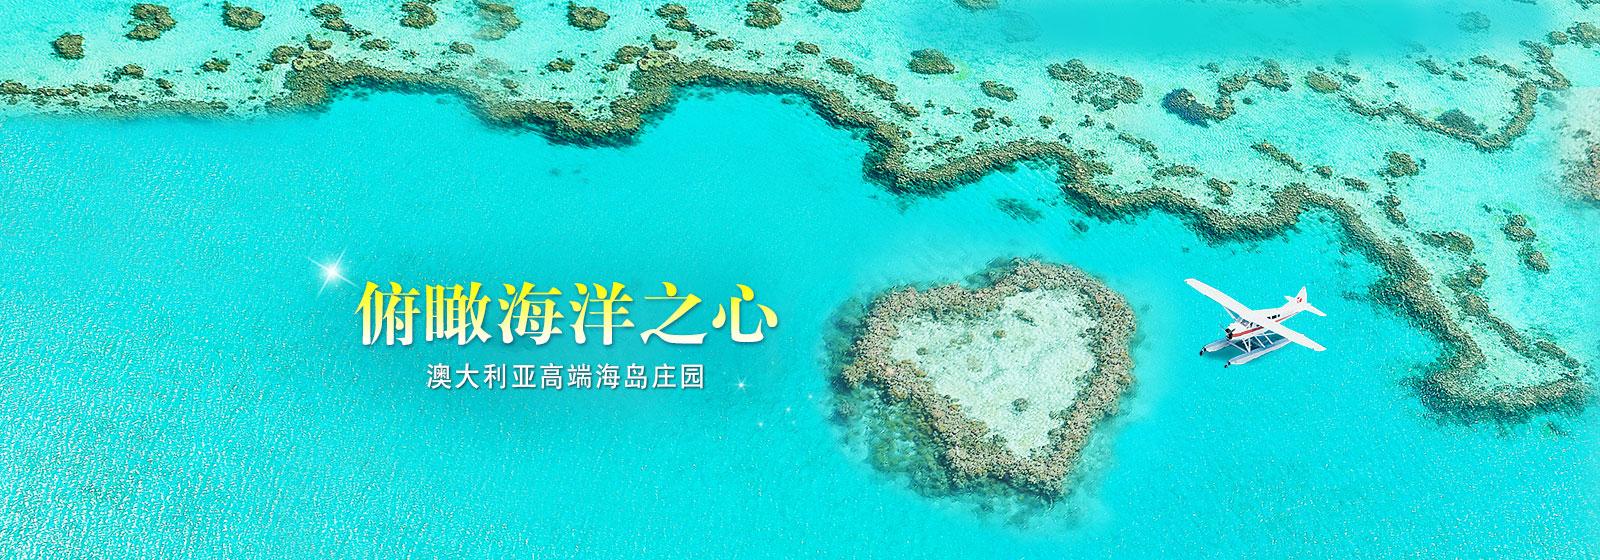 俯瞰海洋之心_澳大利亚高端海岛庄园